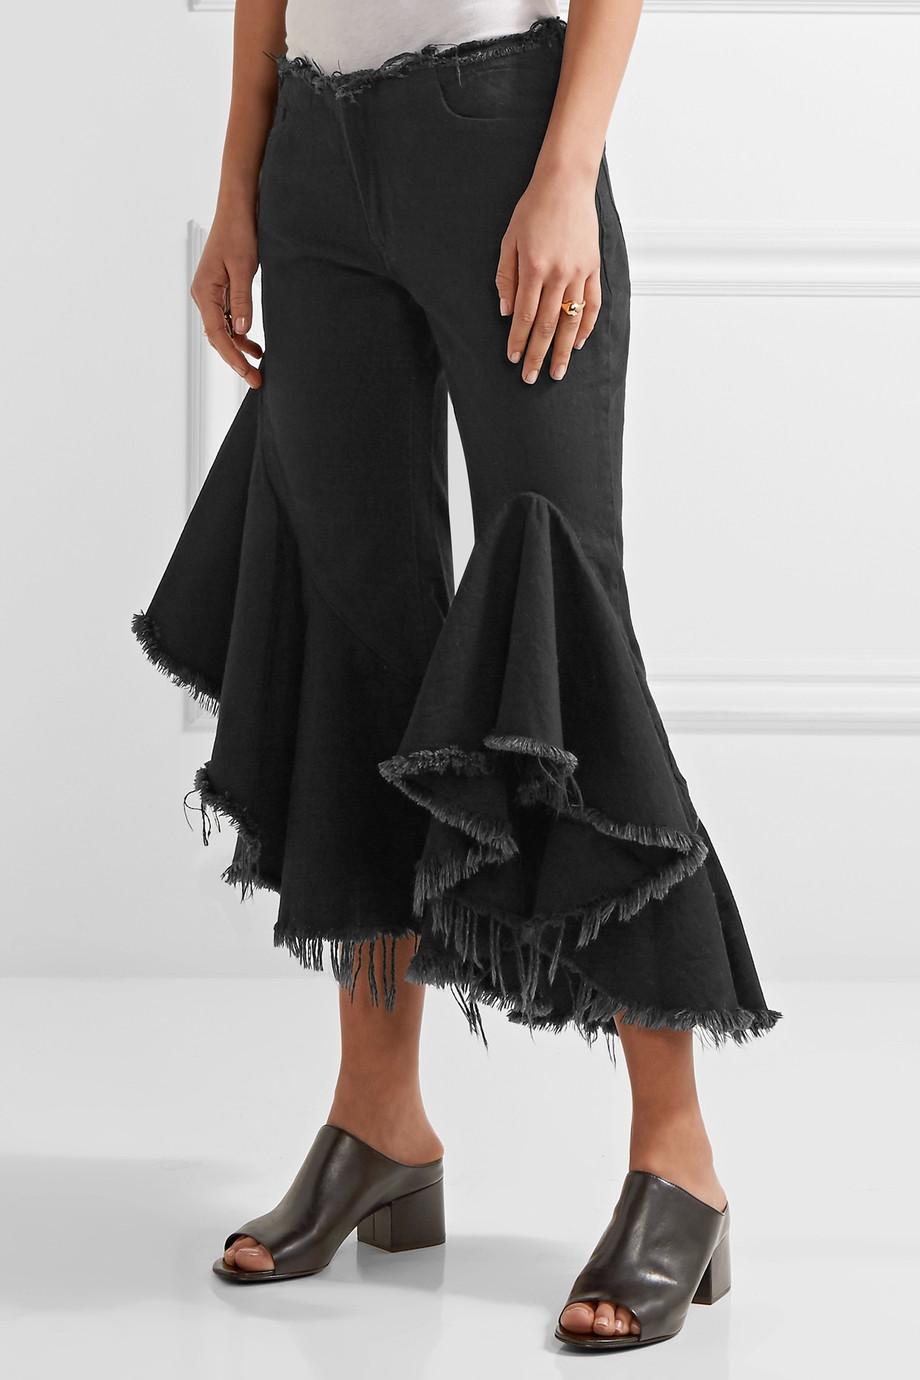 Mega-giga fodrok, <a href='https://www.net-a-porter.com/hu/en/product/805290/Marques_Almeida/ruffled-frayed-low-rise-flared-jeans' target='_blank'>Marques' Almeida</a></p>